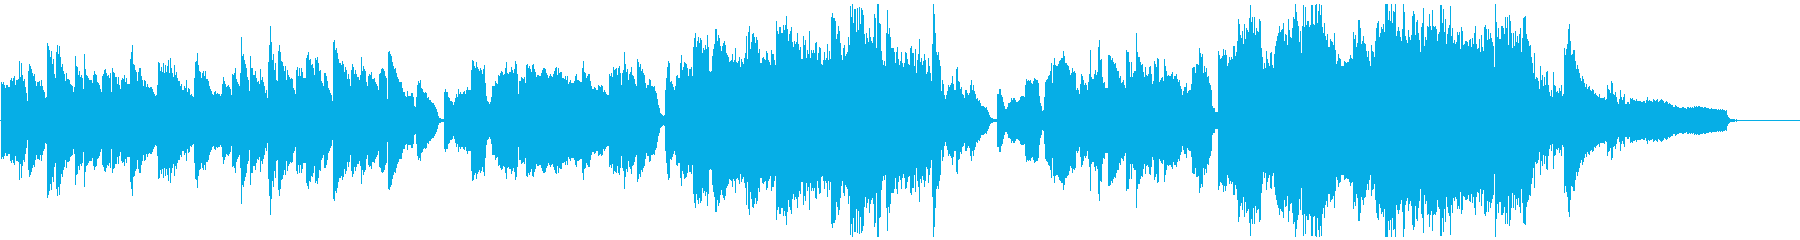 晴れやかなバイオリンとピアノによるワルツの再生済みの波形